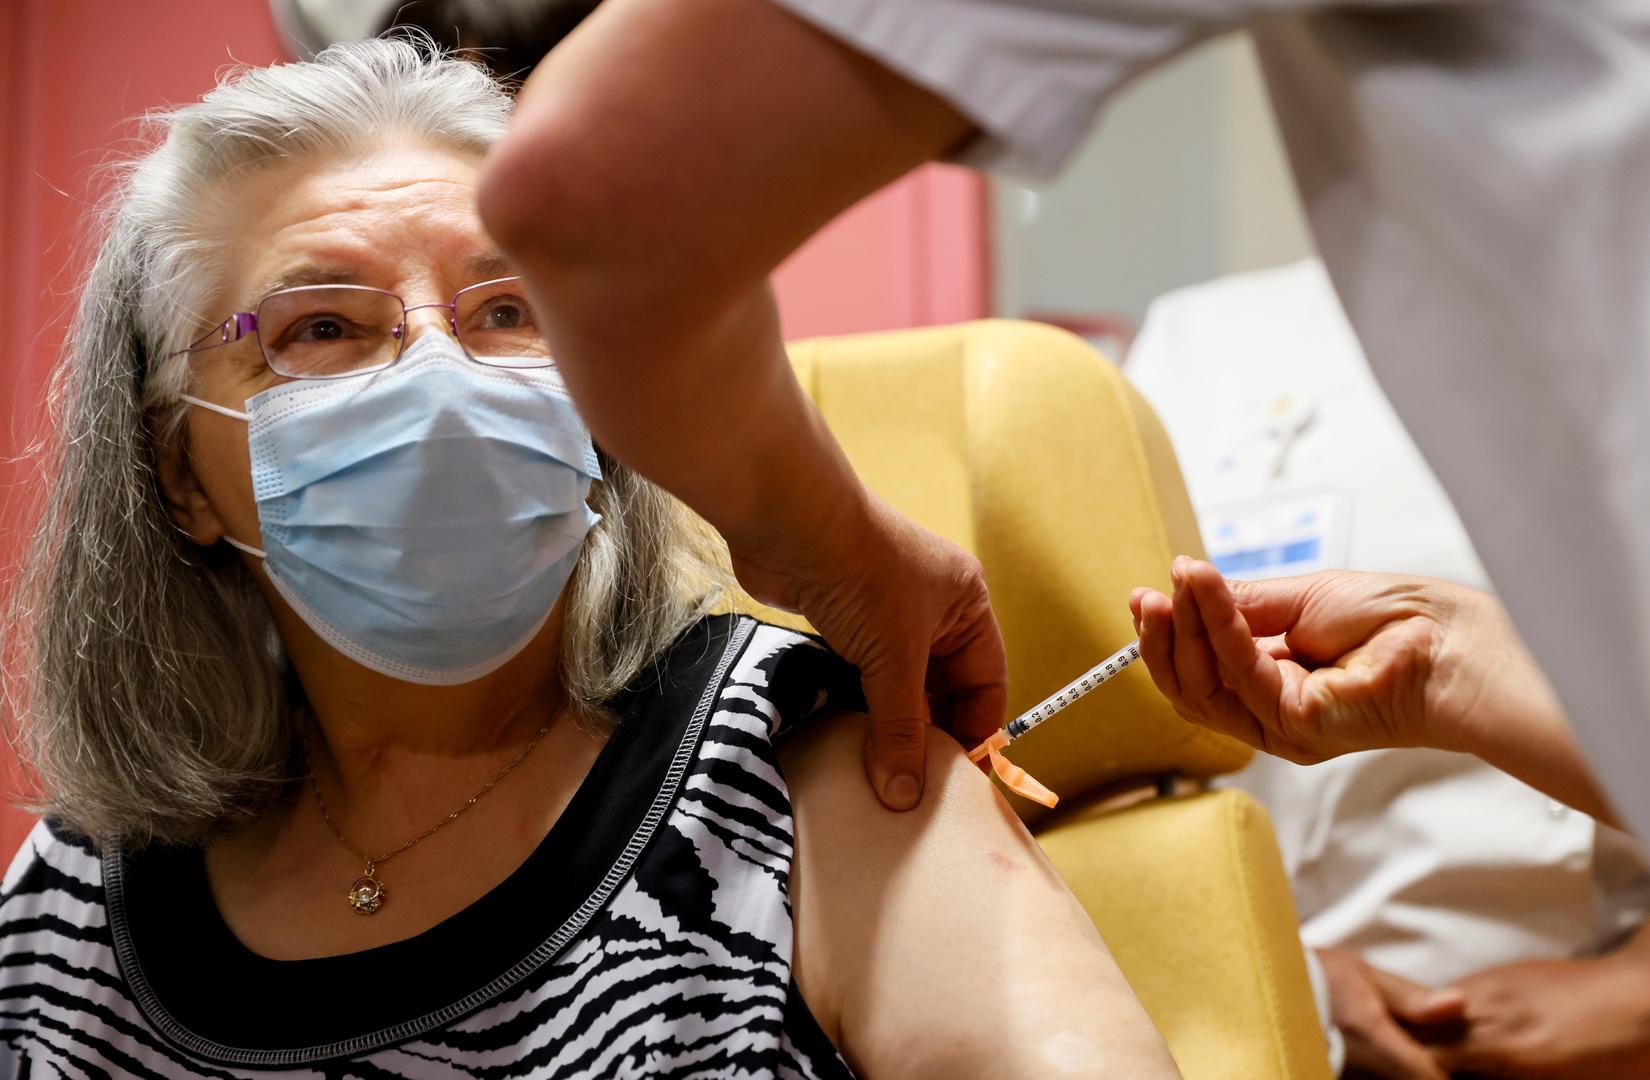 فرنسا.. تعليق التلقيح ضد كورونا في إيل دو فرانس لتعذّر توفير الجرعات اللازمة من اللقاح